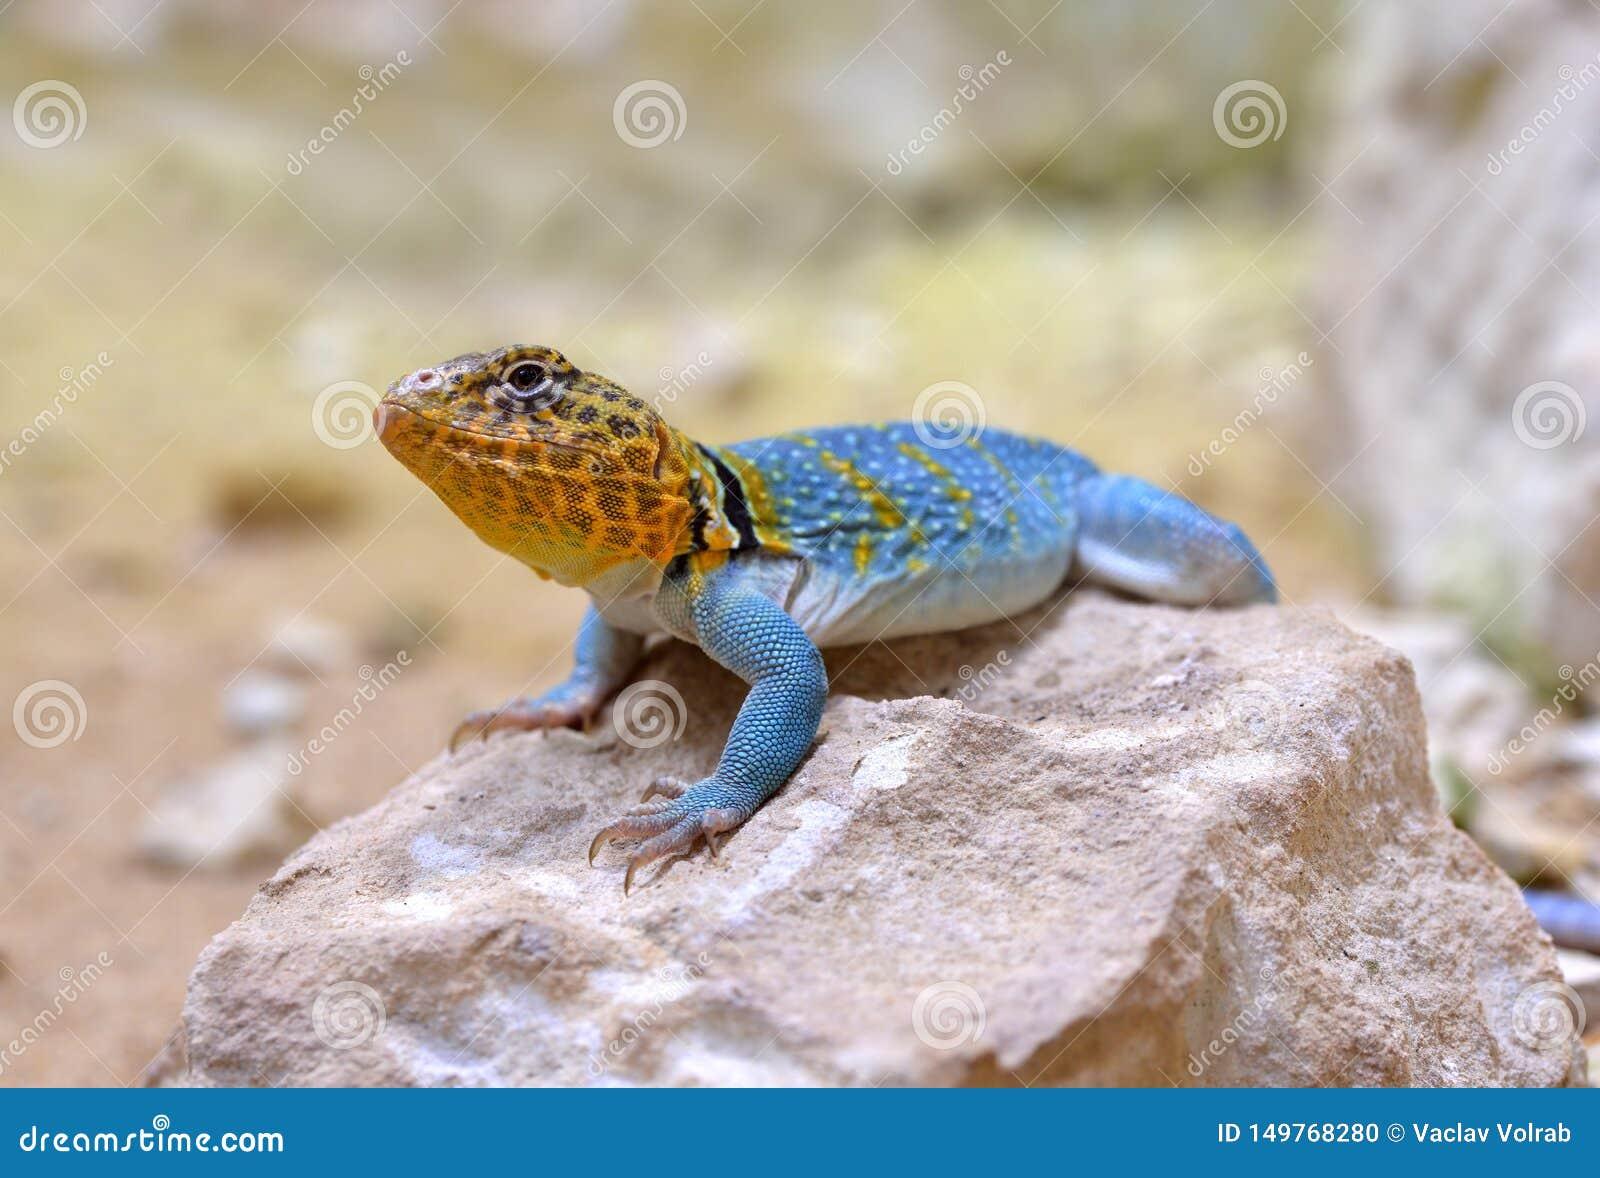 共同的抓住衣领口的蜥蜴Crotaphytus collaris